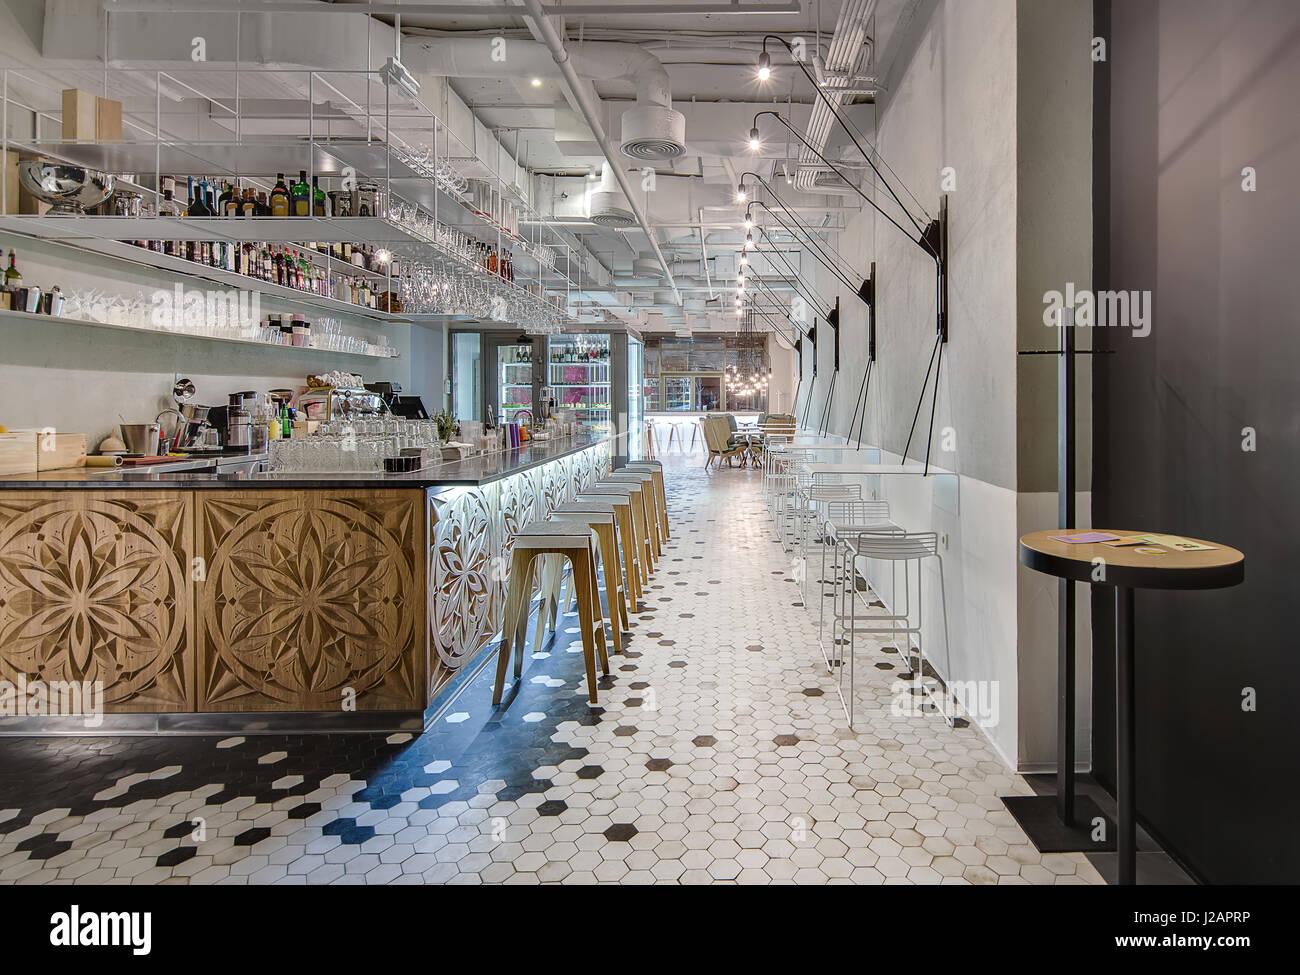 Piastrelle pavimento cucina ristorante prezzo gres porcellanato